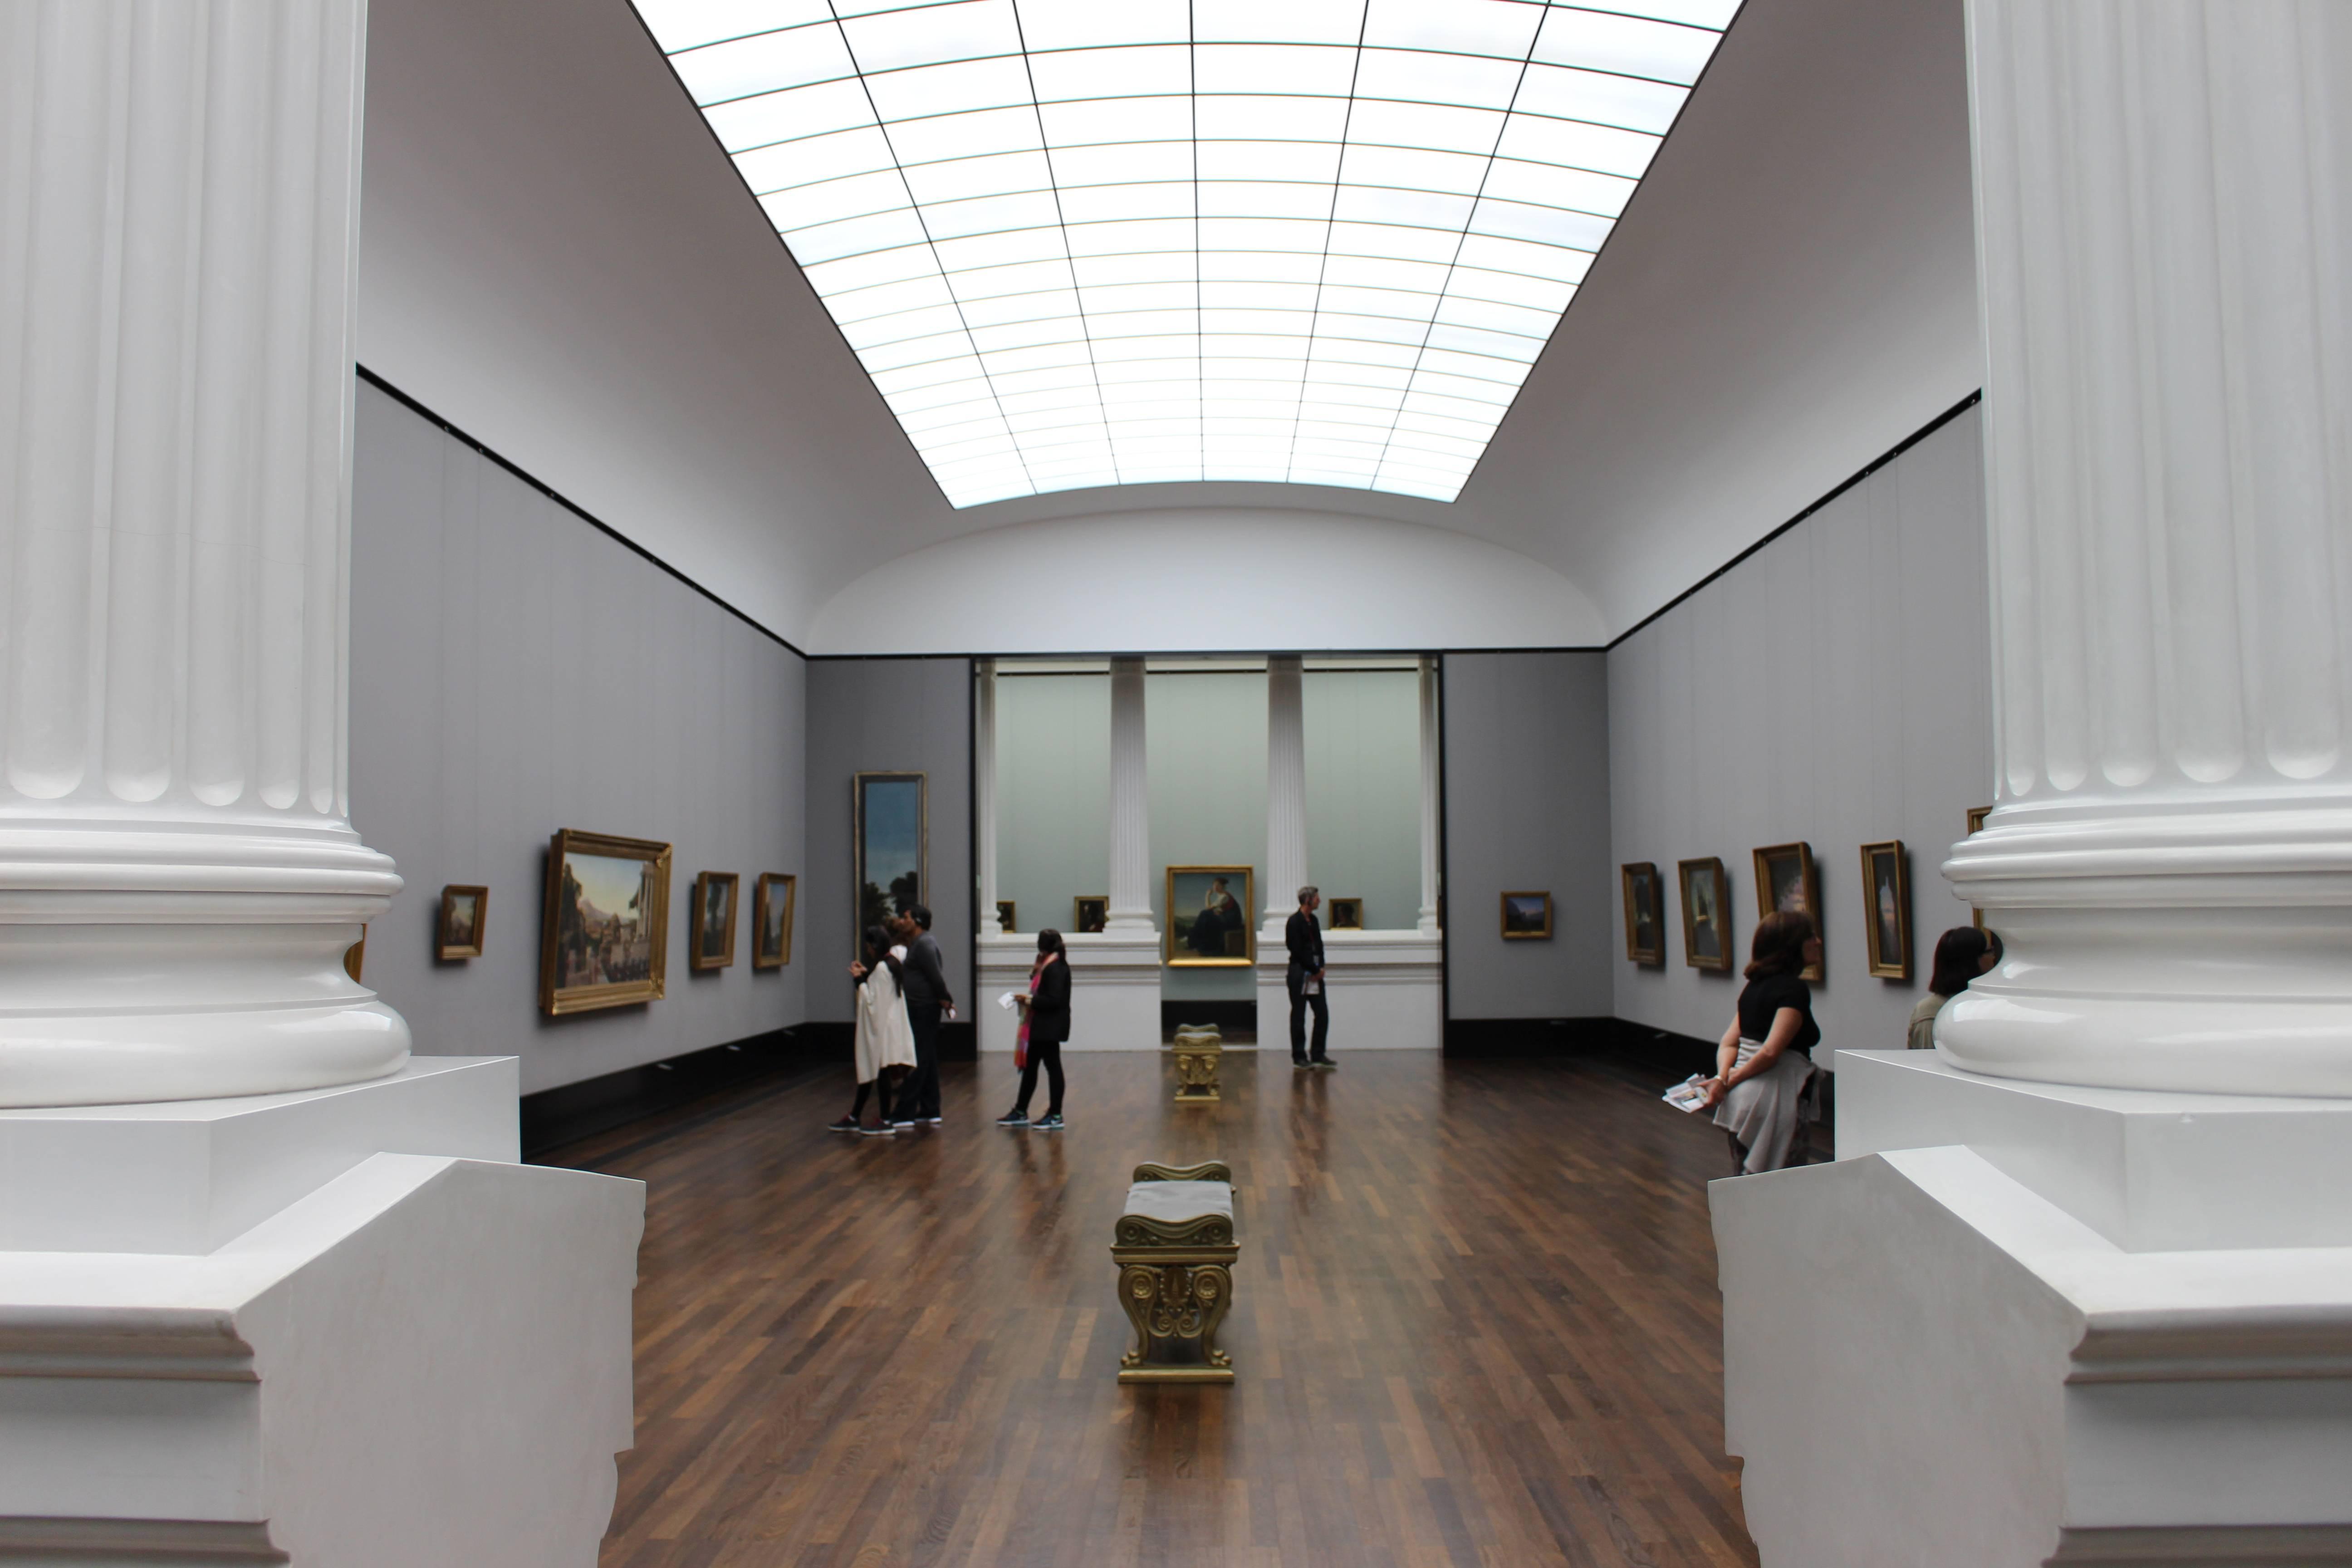 Старая национальная галерея, берлин — картины, сайт, адрес, цена билета, часы работы, отели рядом на туристер.ру